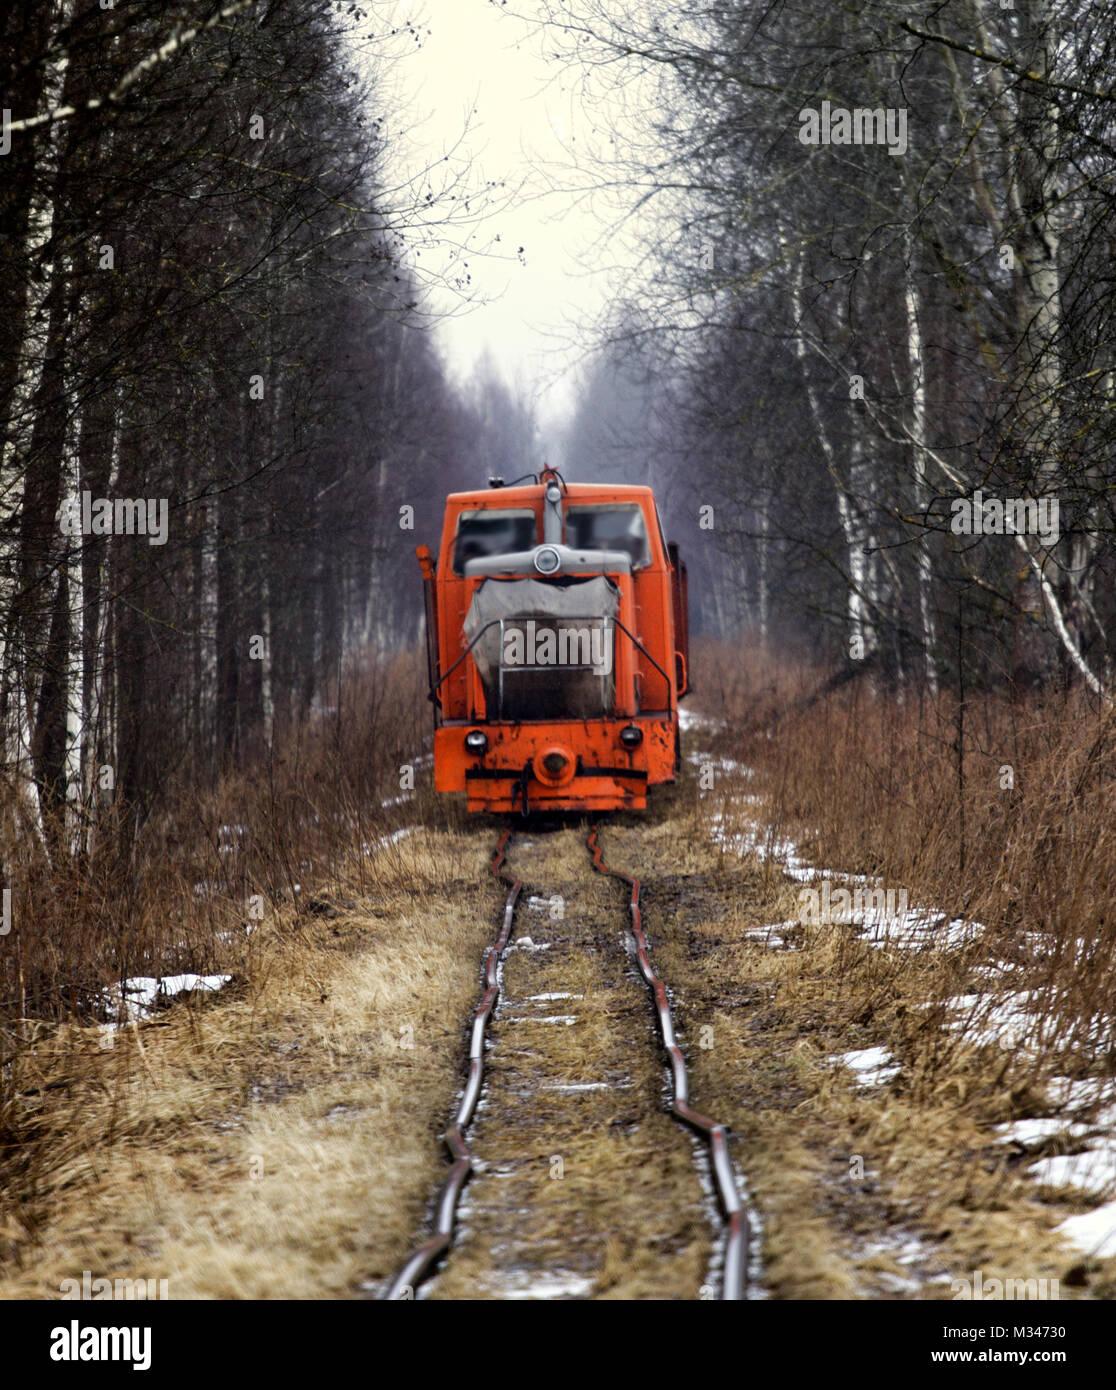 Vieux fer branlant très dangereux. des excursions en train sur des rails déformés Photo Stock